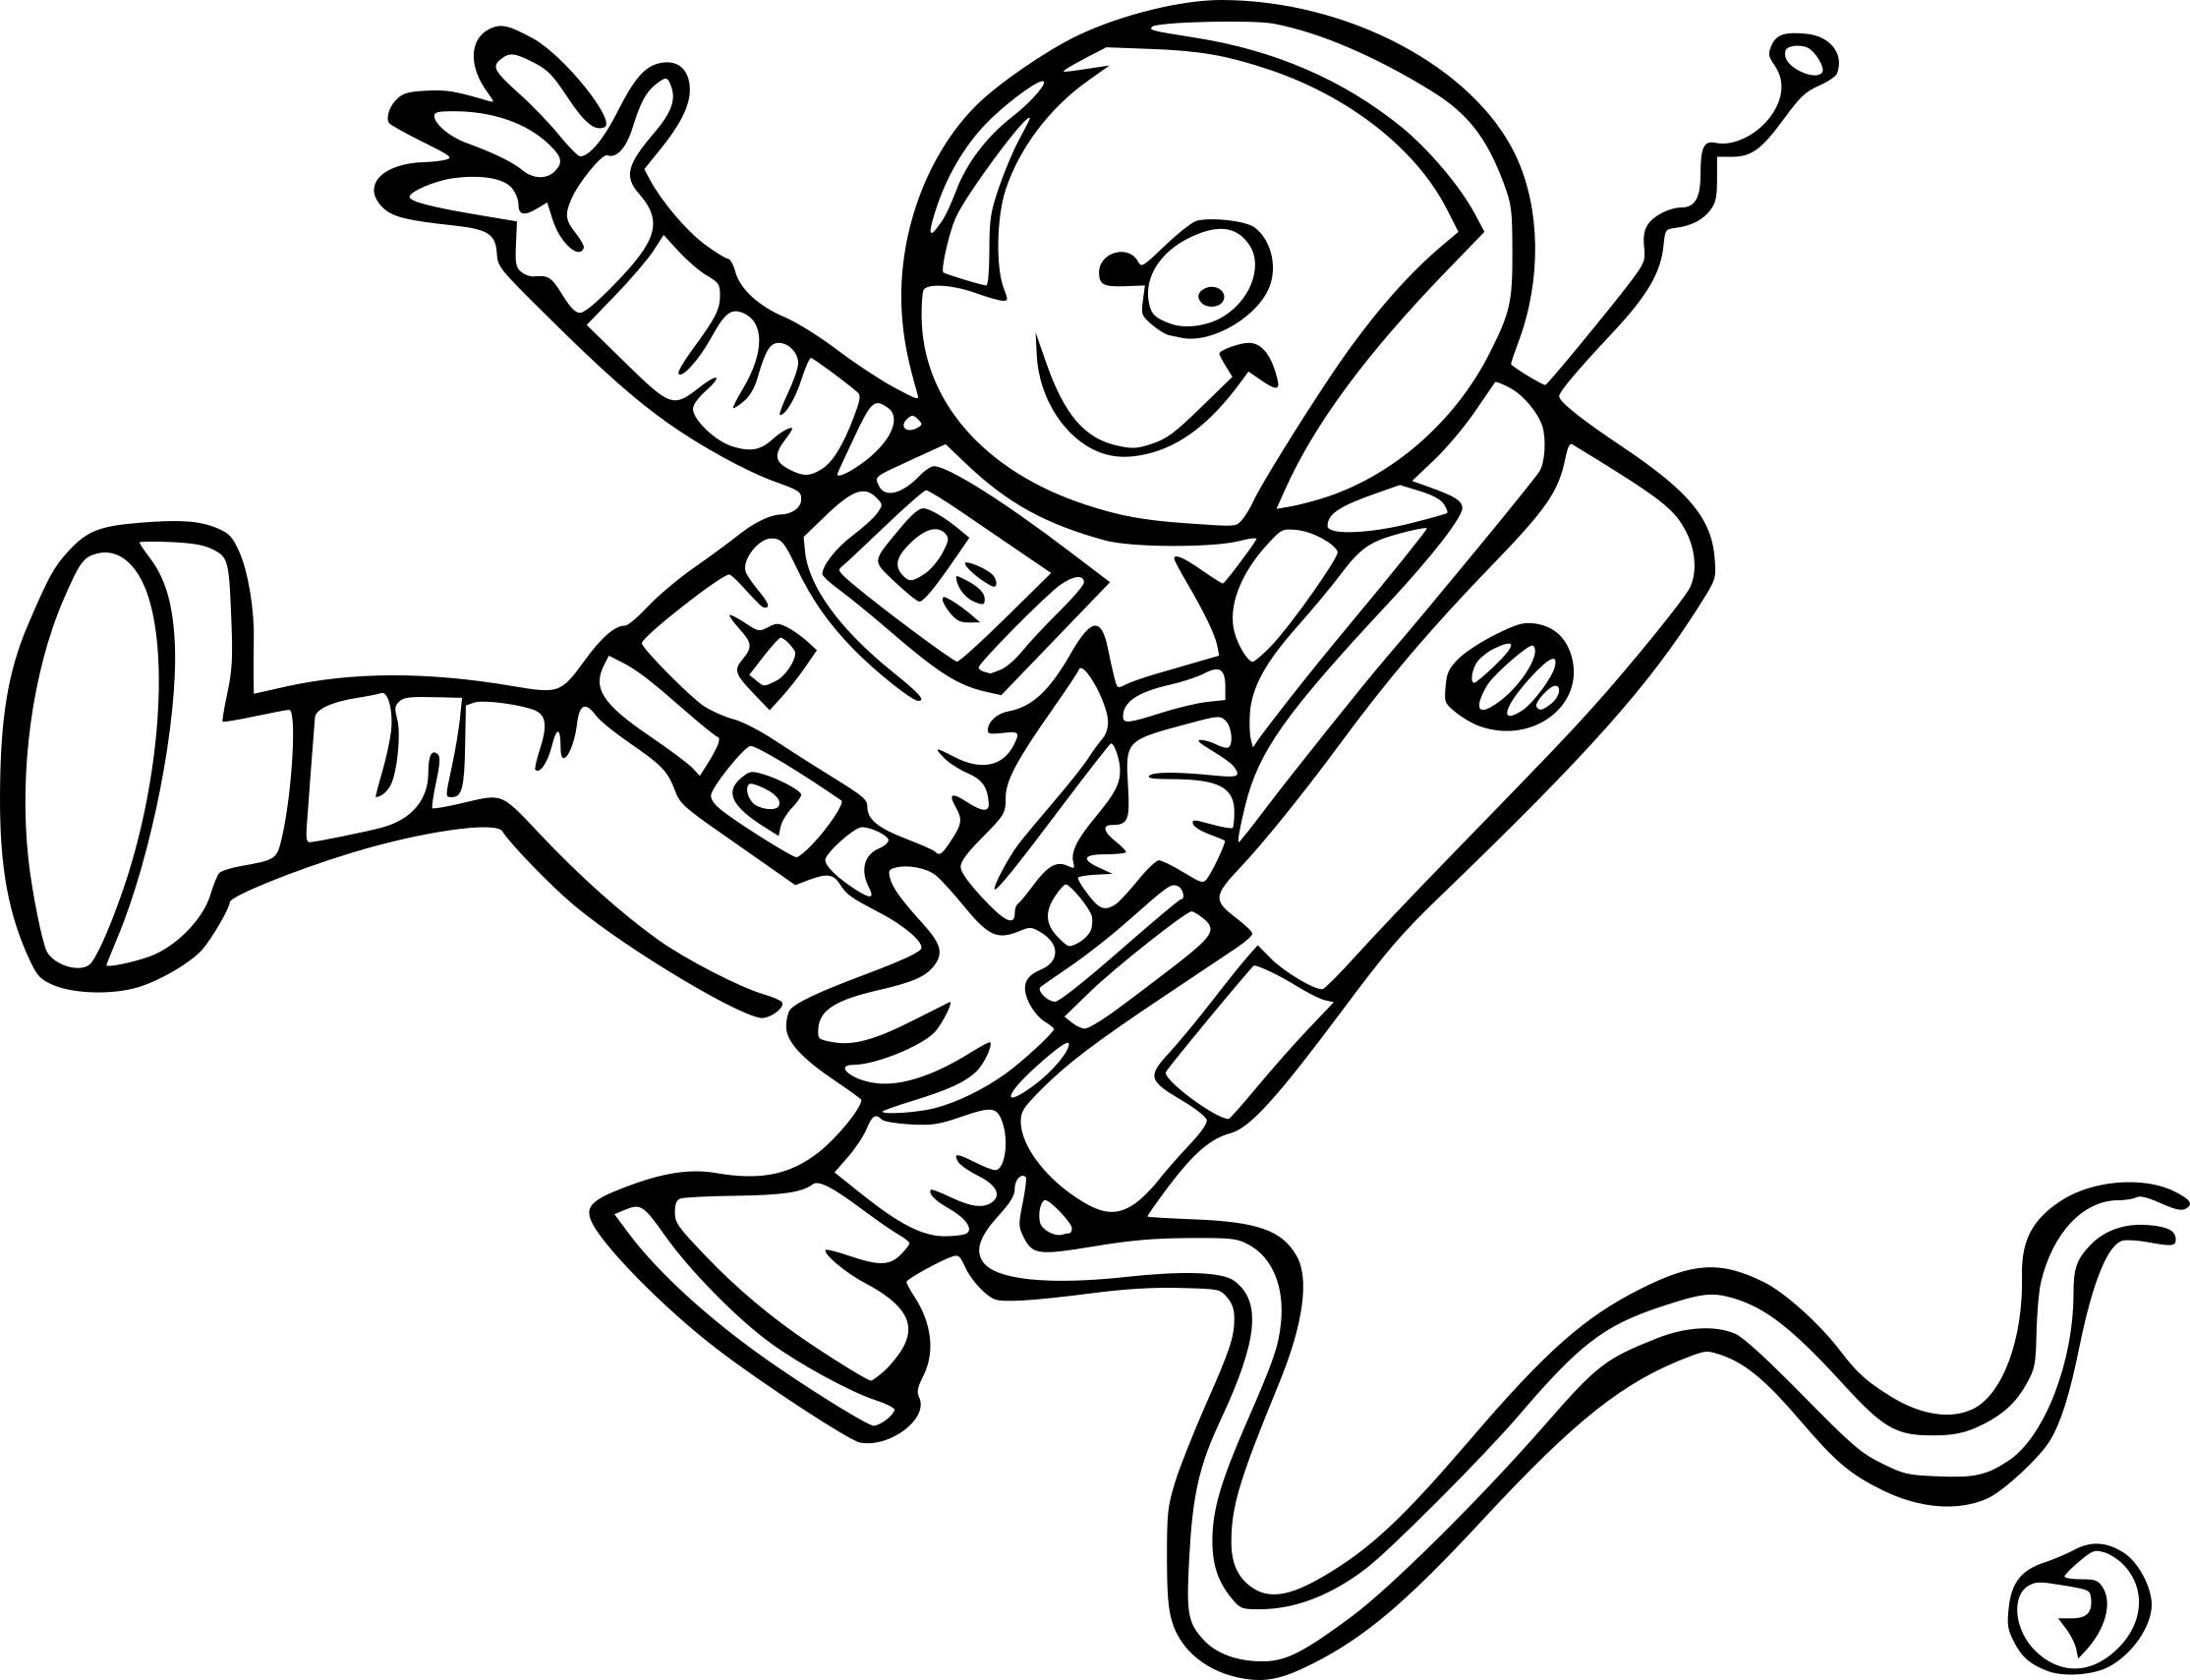 Coloriage Astronaute Dessin À Imprimer Sur Coloriages destiné Coloriage Astronaute